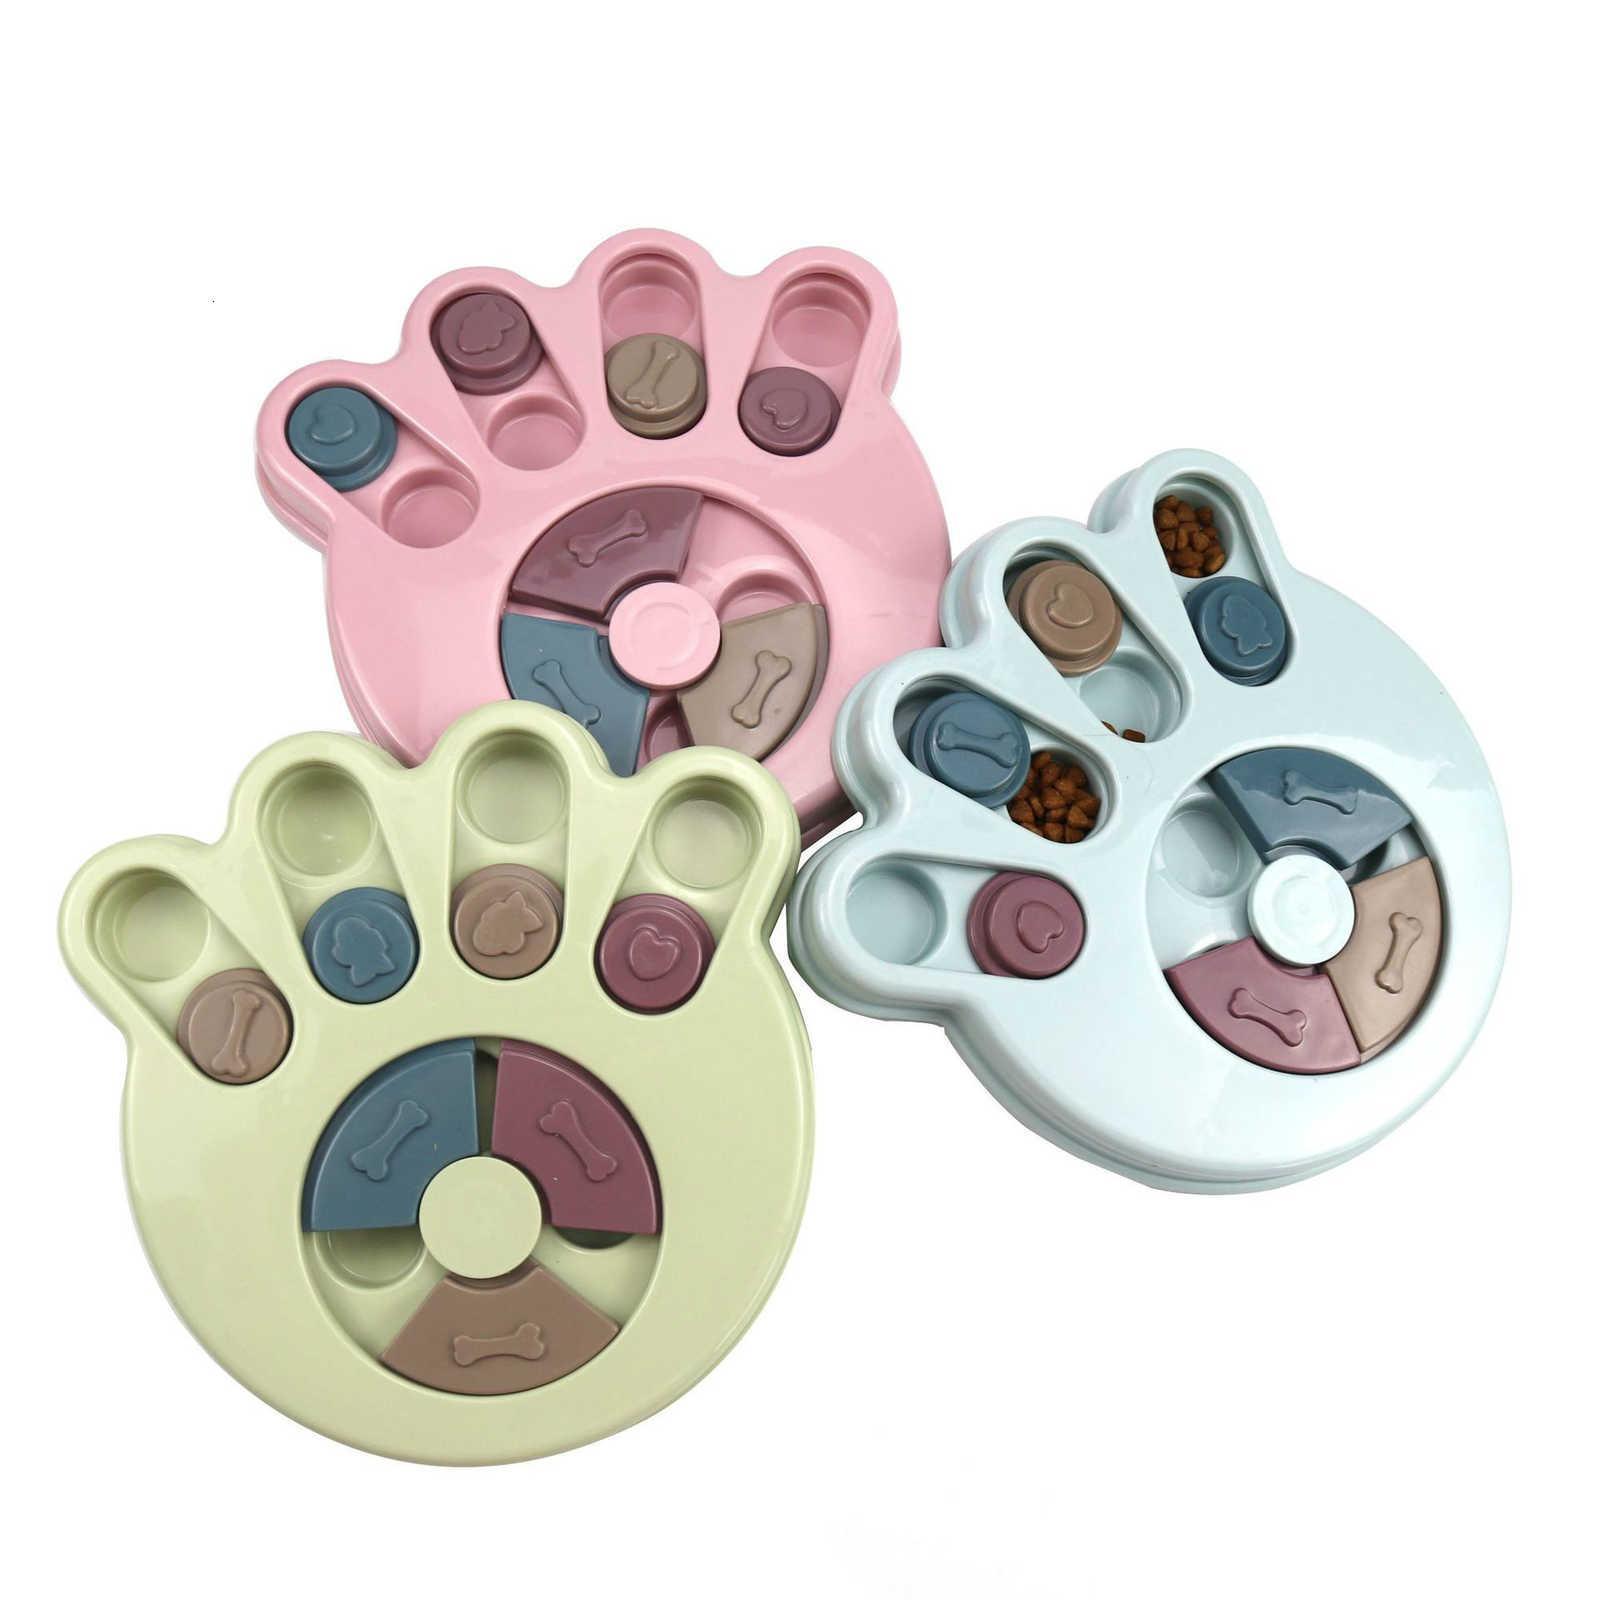 Suministros para mascotas Perro Comer Treasure Educativo Caza Fugas Interesante Vajilla Entrenamiento Toys Food Juguetes